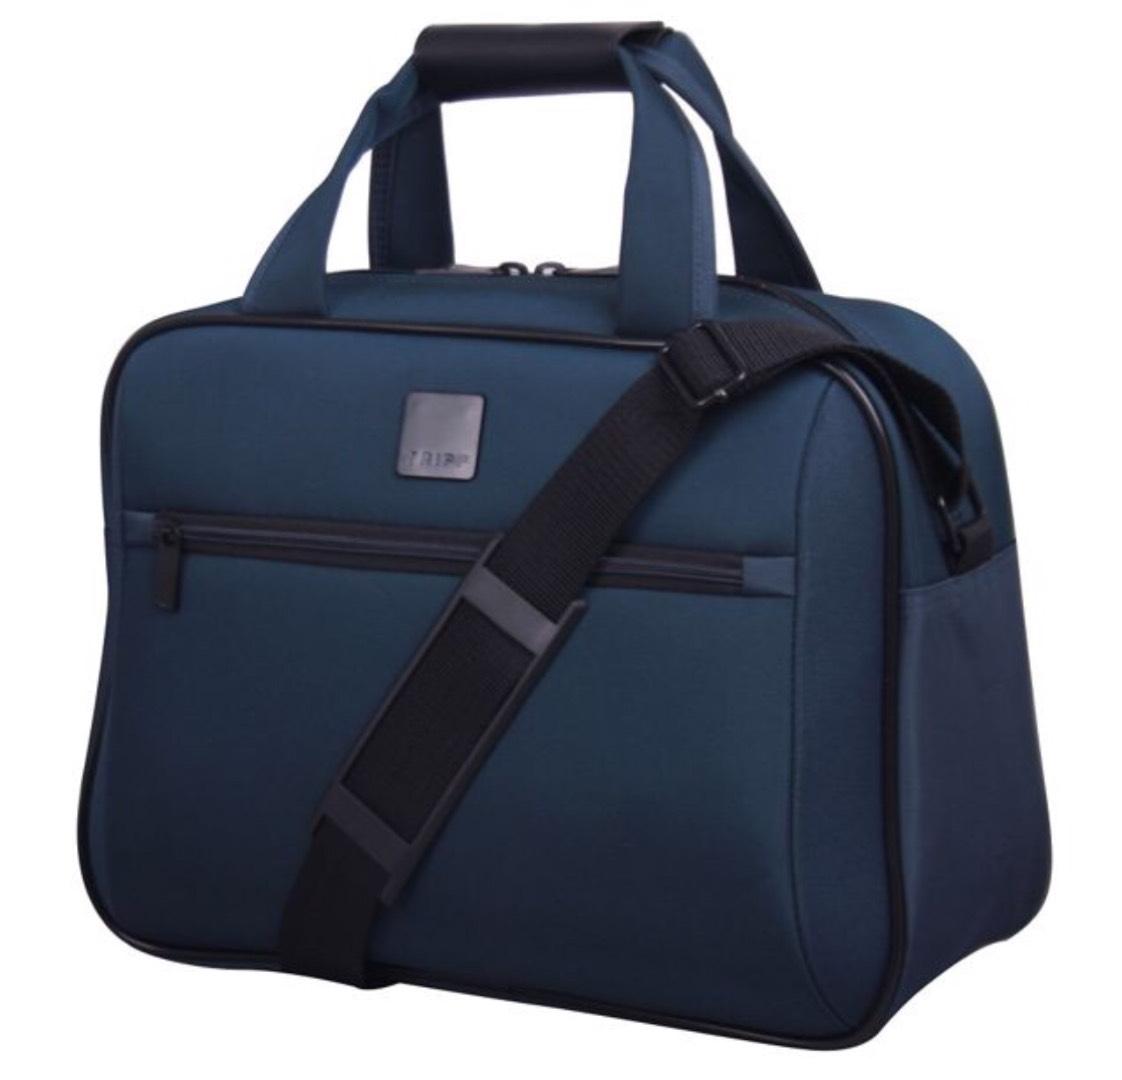 Tripp - Emerald 'Full Circle' flight bag £13 + £2 C&C @ Debenhams